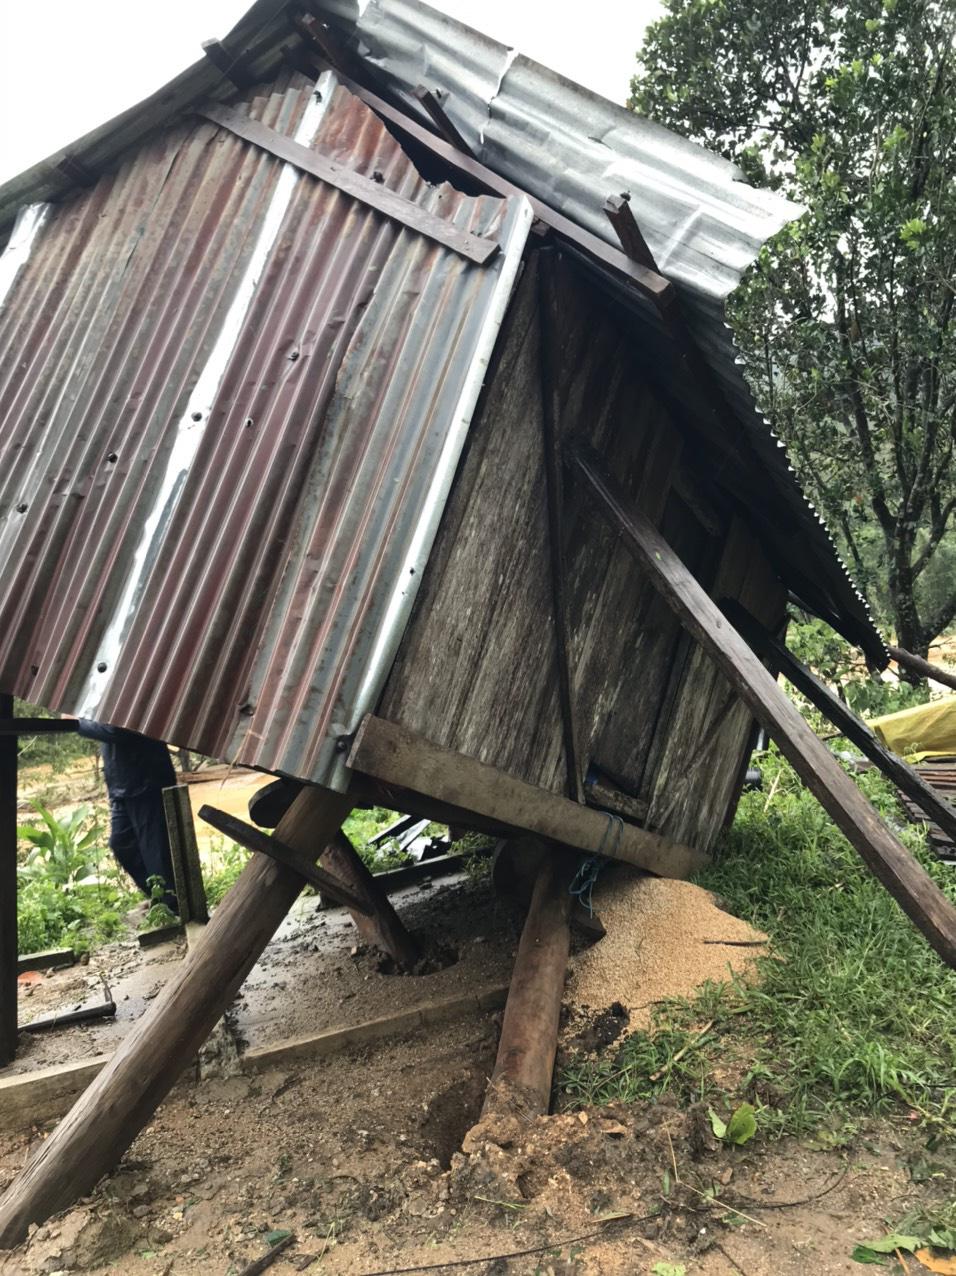 Quảng Ngãi: Lũ quét kinh hoàng cuốn trôi 6 nhà dân, khiến một ngôi làng có nguy cơ bị xóa sổ - Ảnh 5.